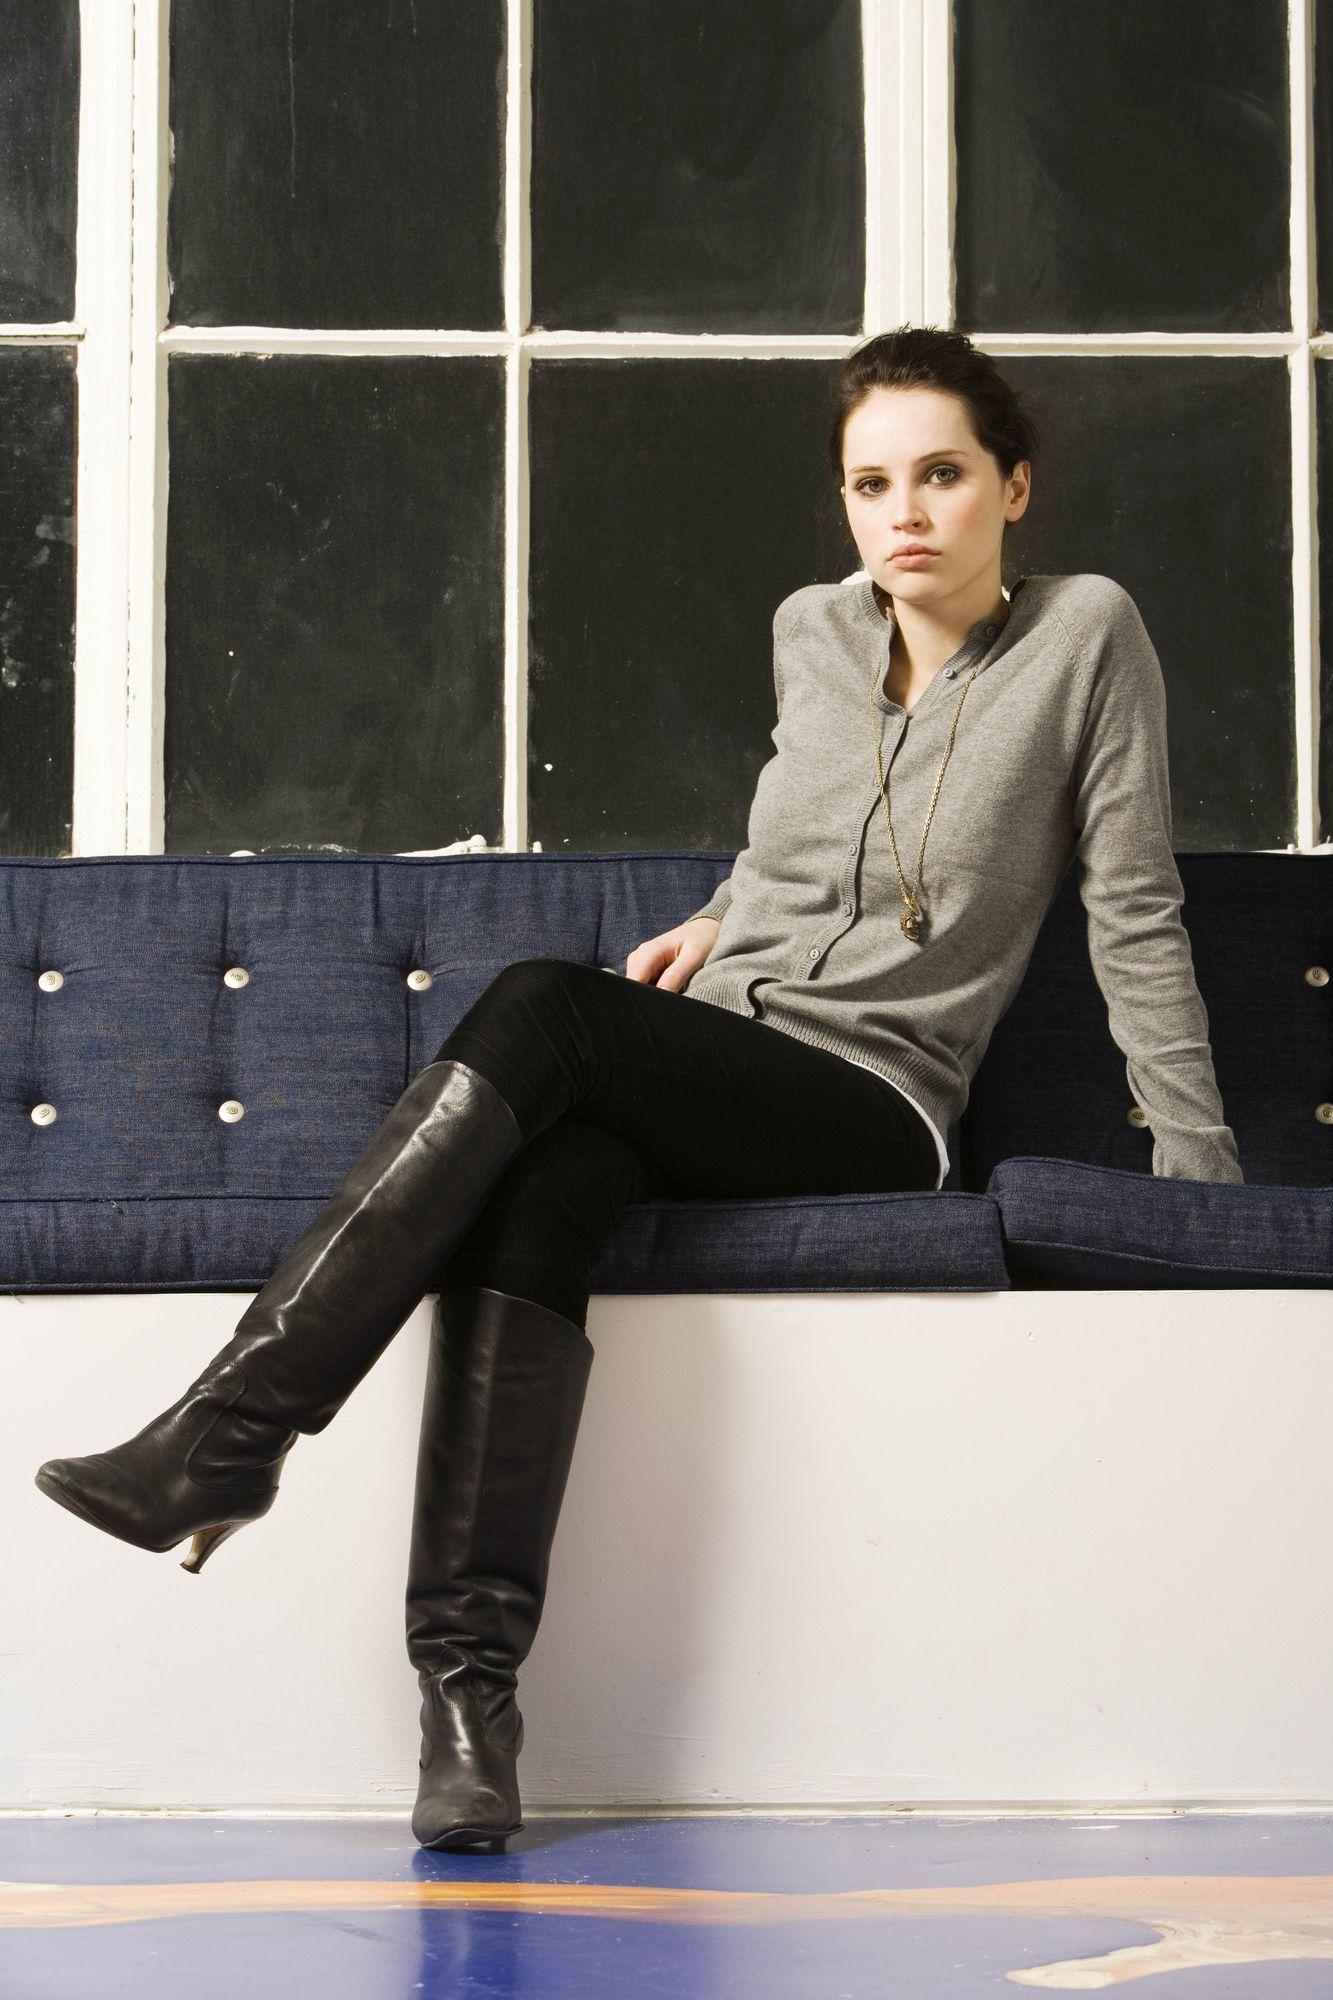 Digitalminx.com - Actresses - Felicity Jones - Page 1